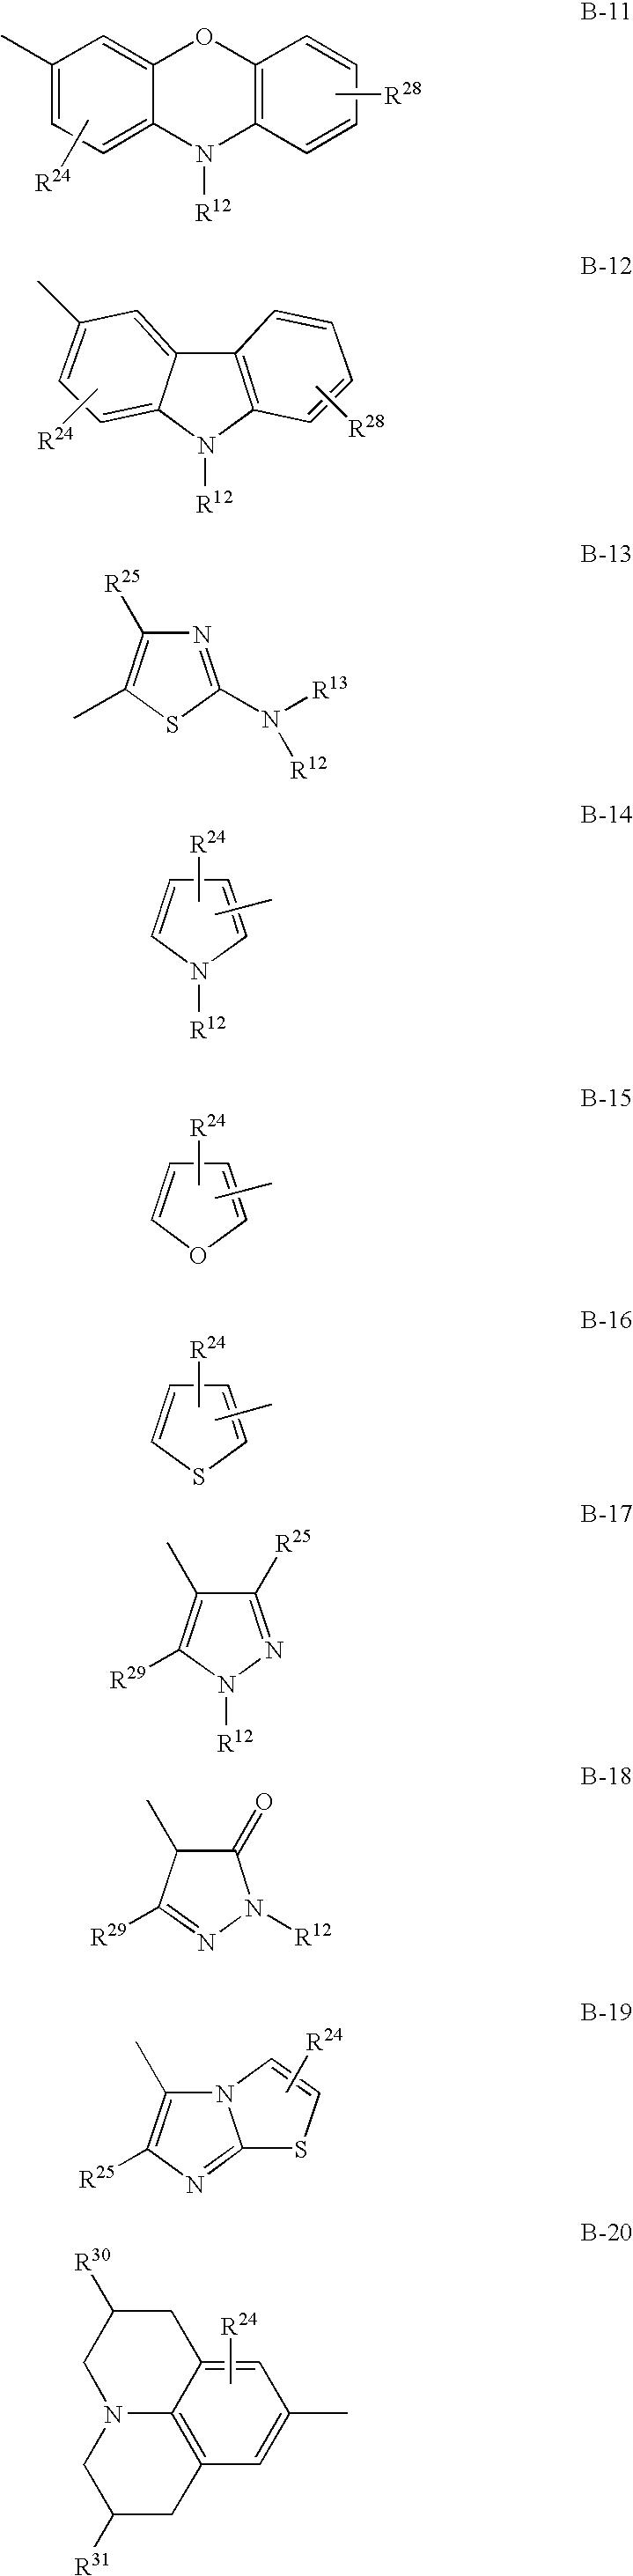 Figure US20070287822A1-20071213-C00038